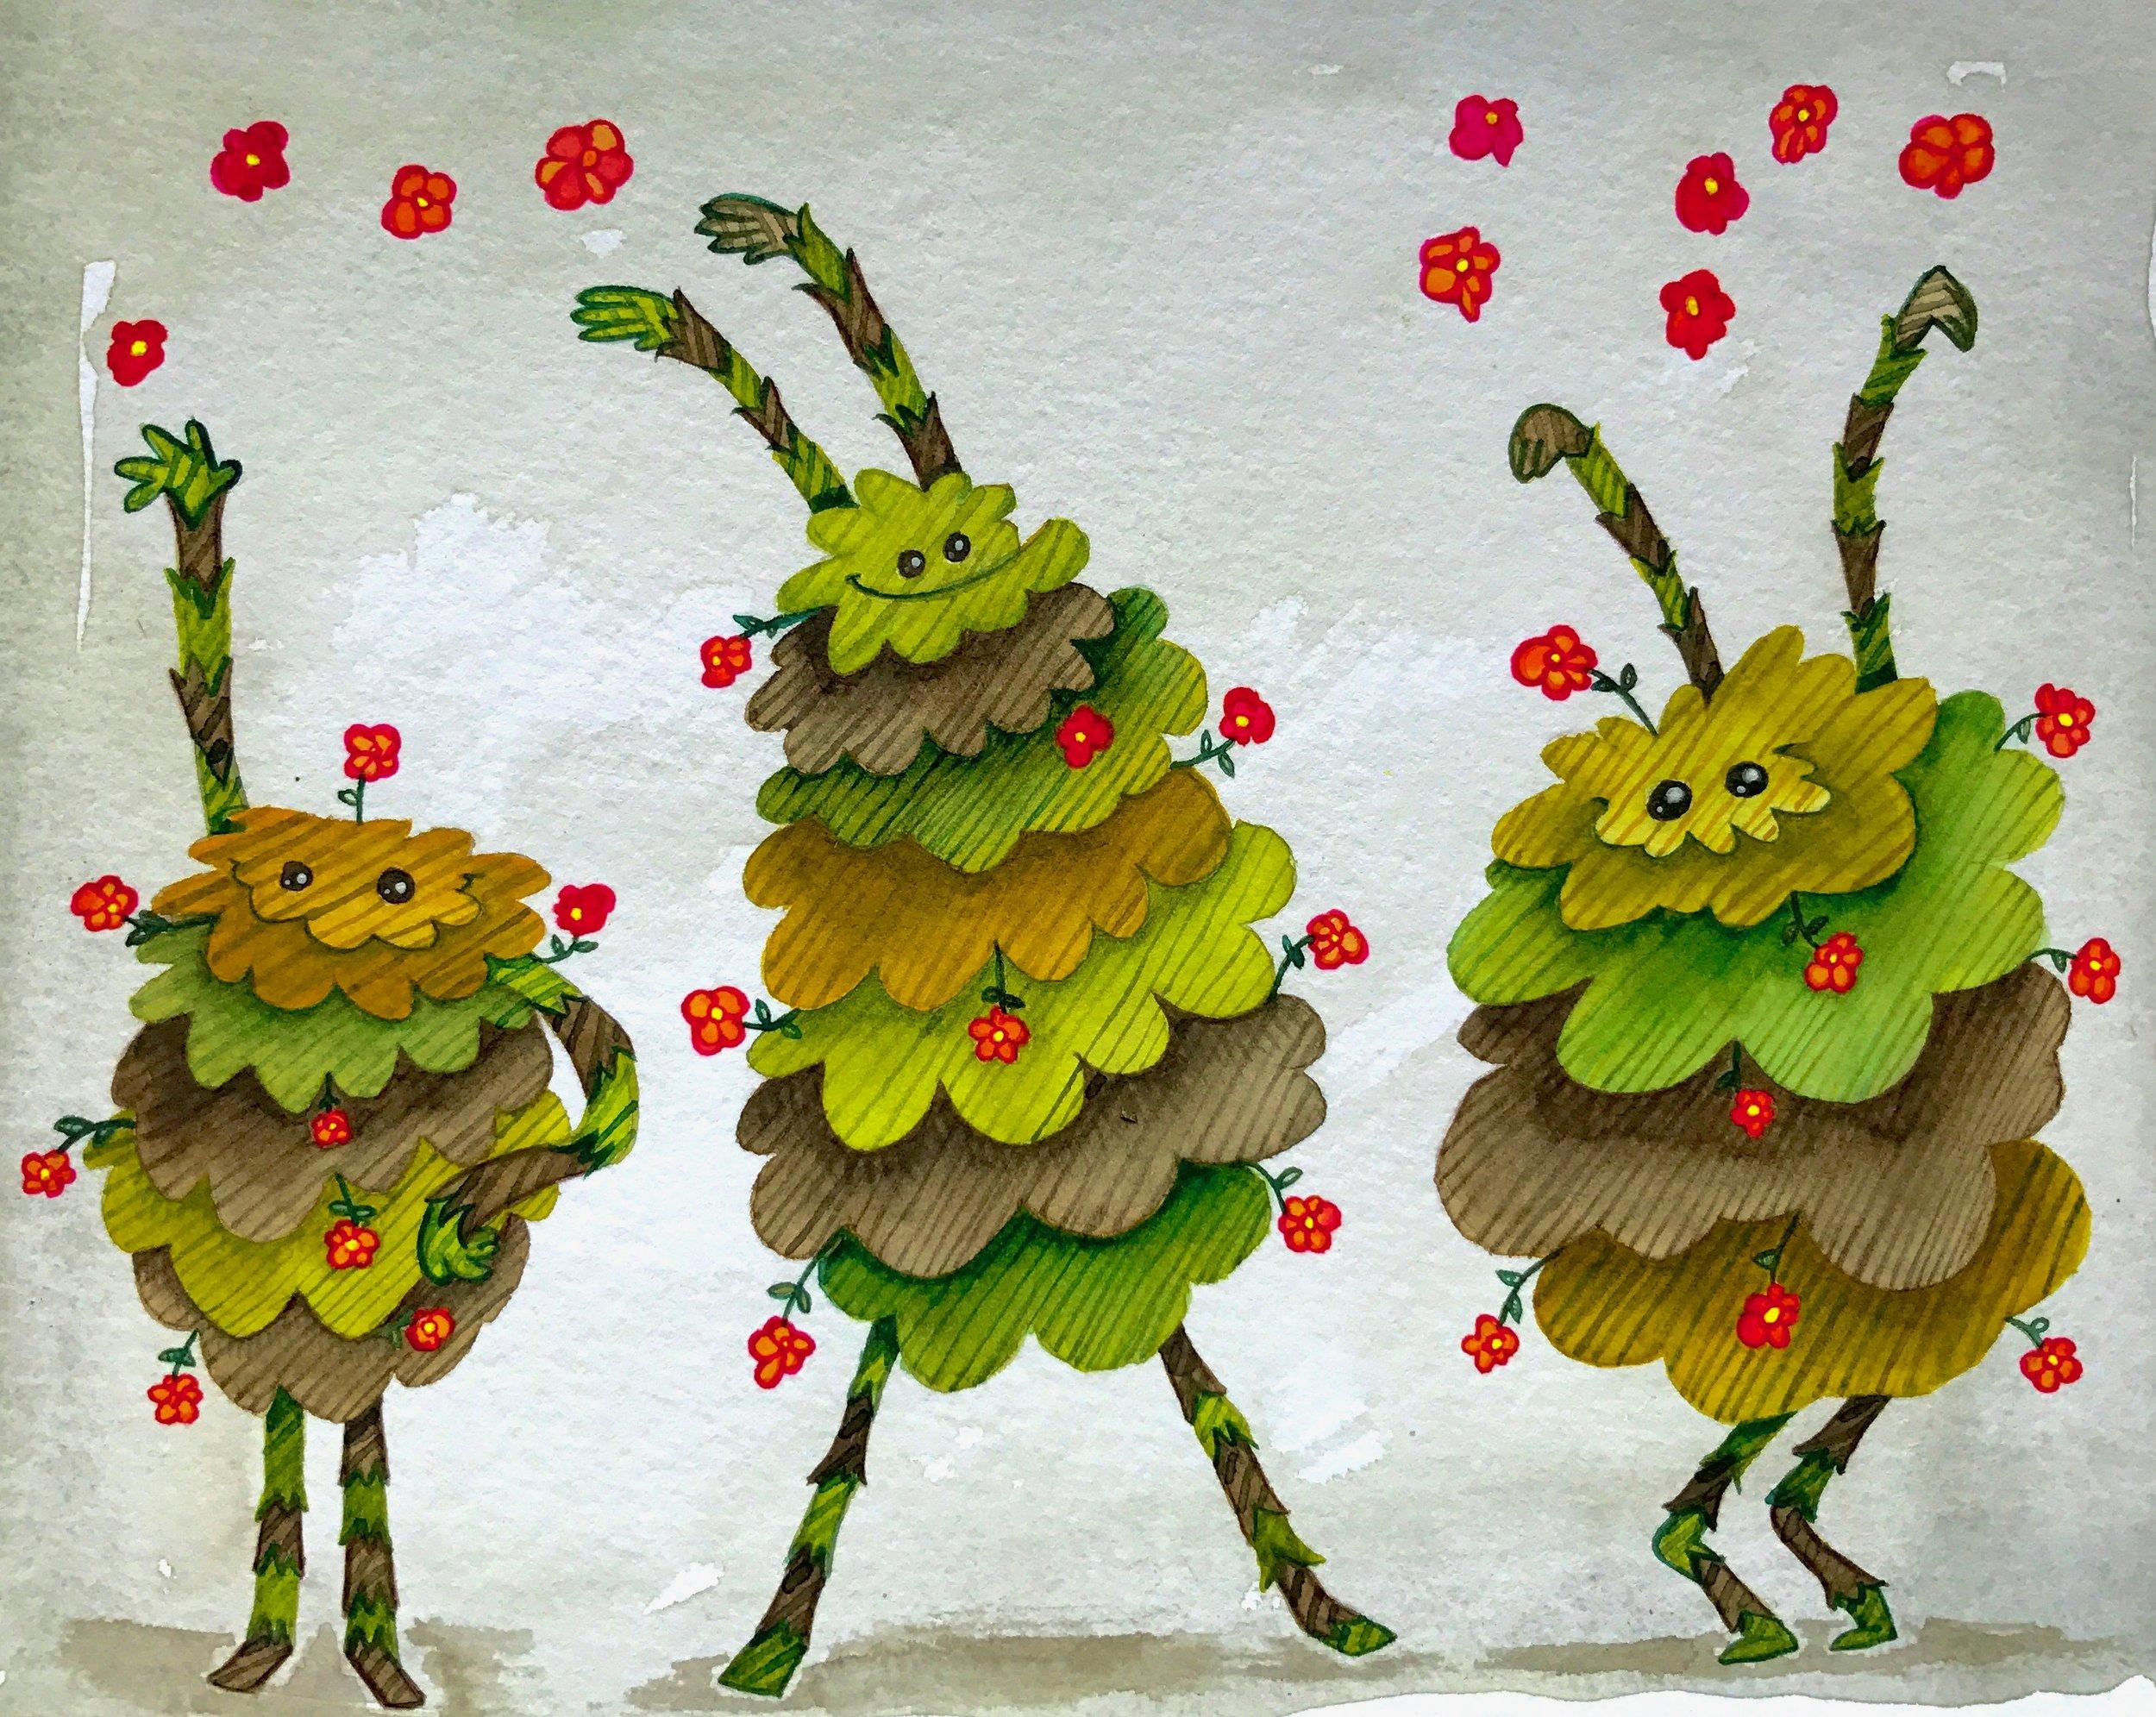 Flower monsters